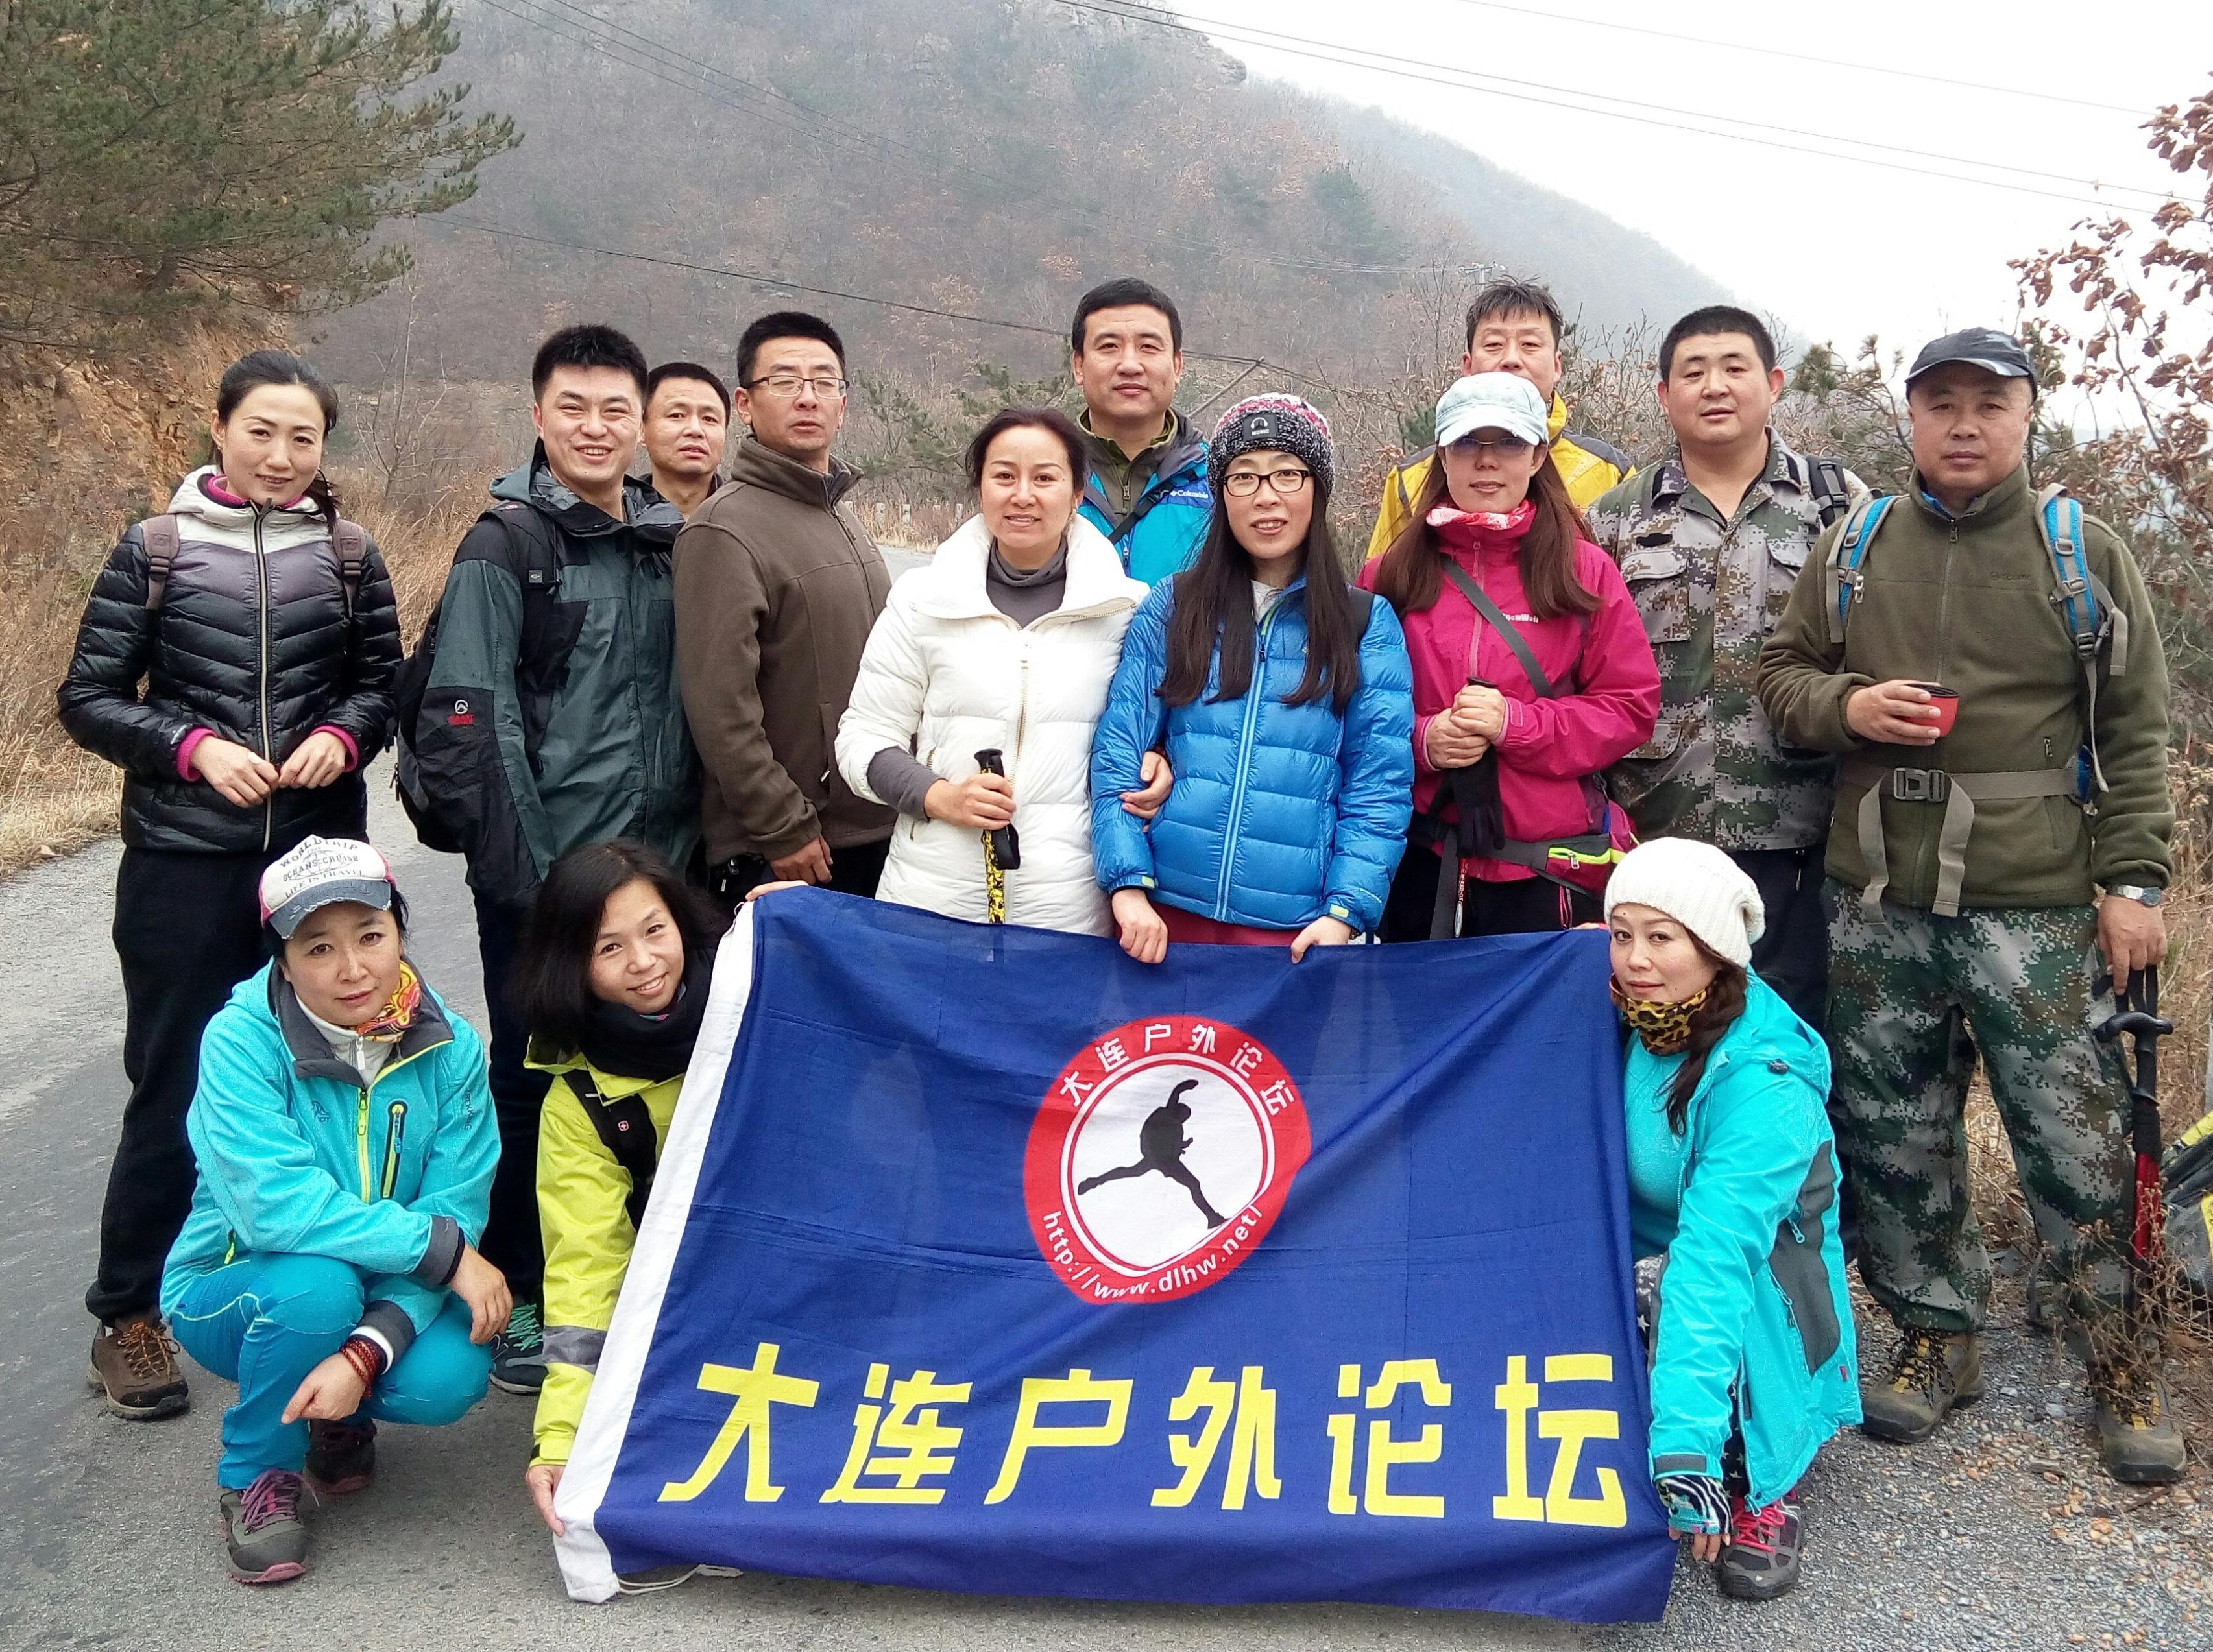 大连户外11月24日:西部廊道活动召集